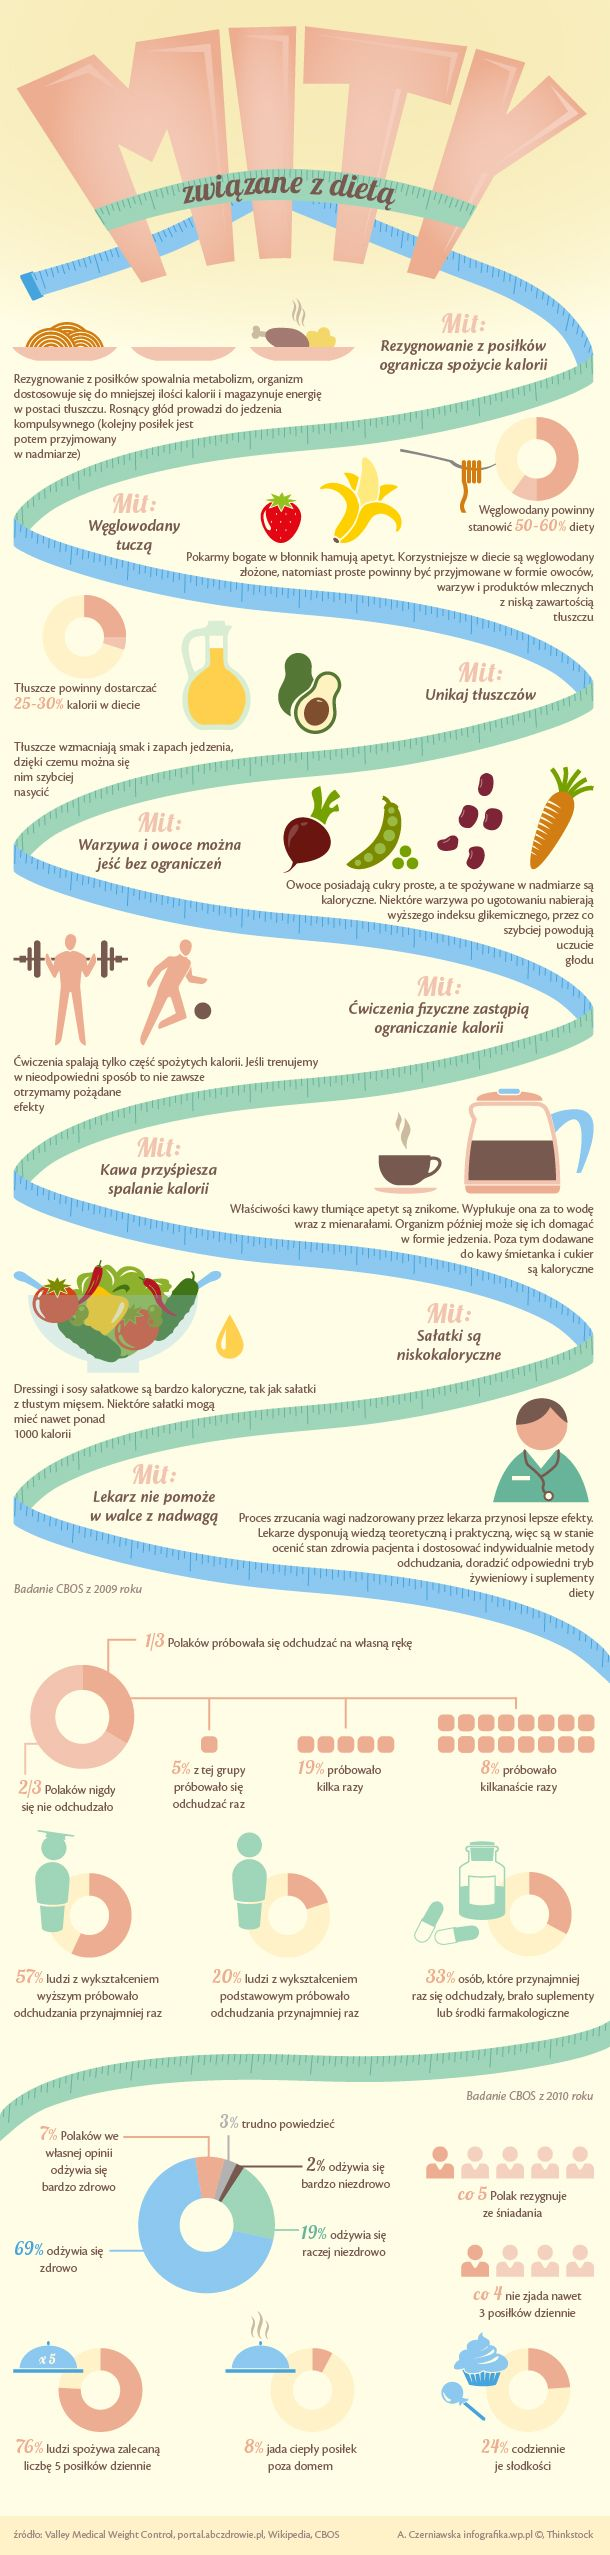 Obalamy dietetyczne mity - Opinie Strona 2